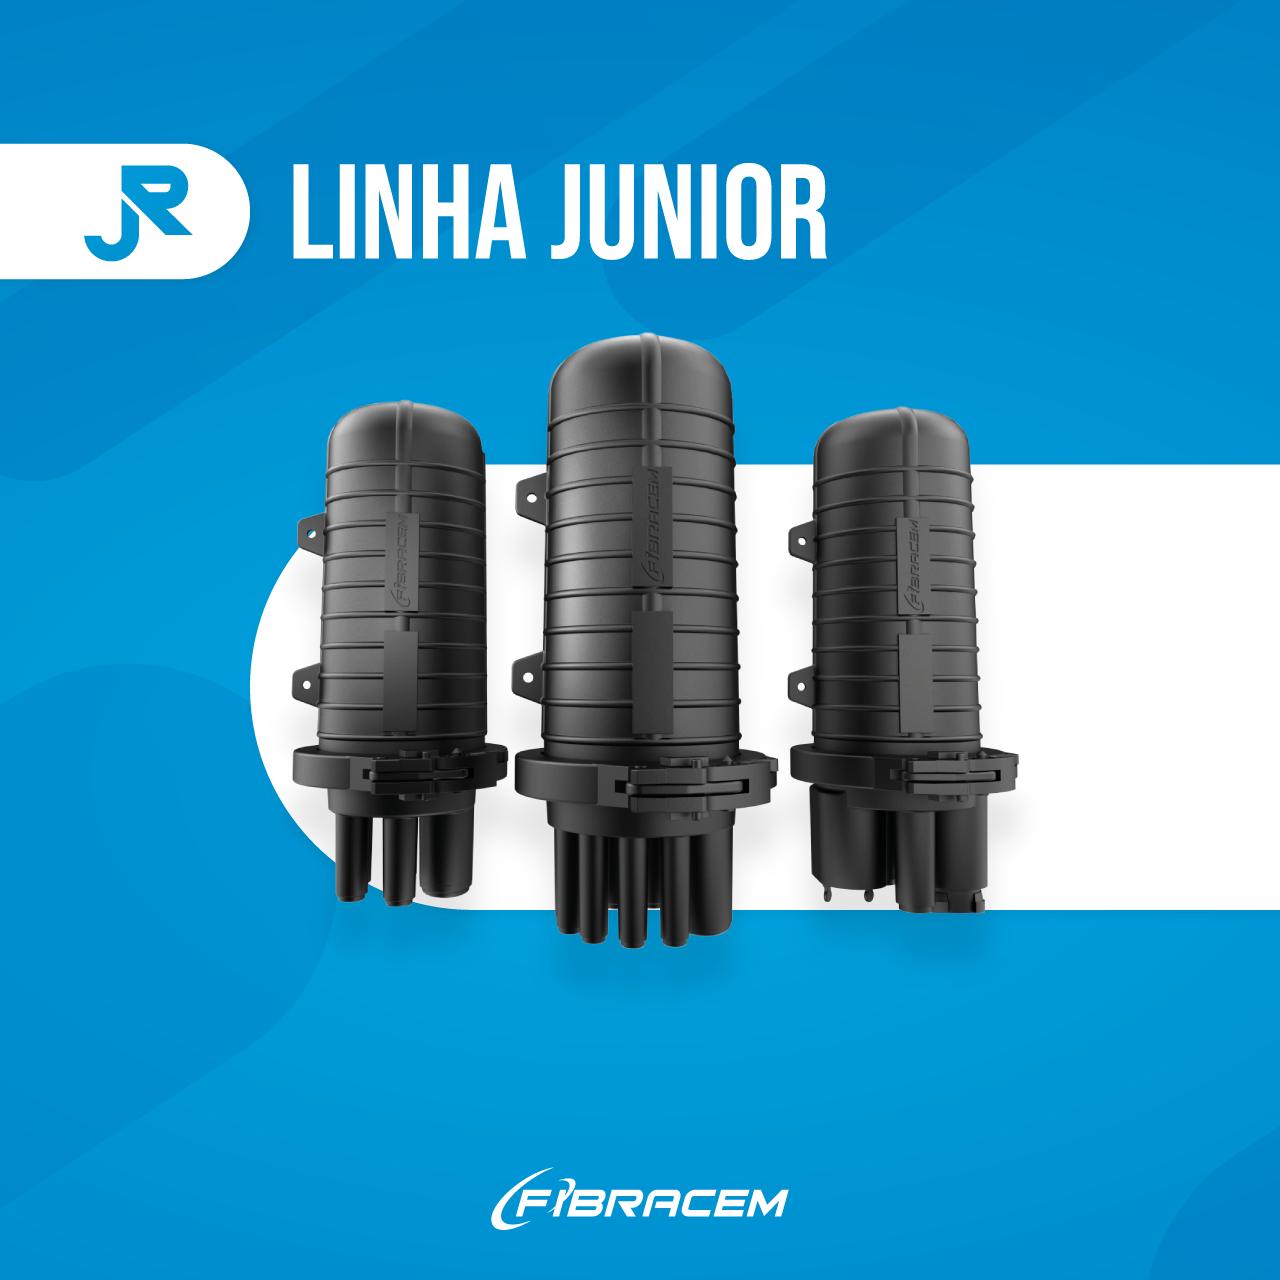 Fibracem lança linha Junior de Caixa de Emenda Óptica e Caixa Terminal Óptica. Confira!